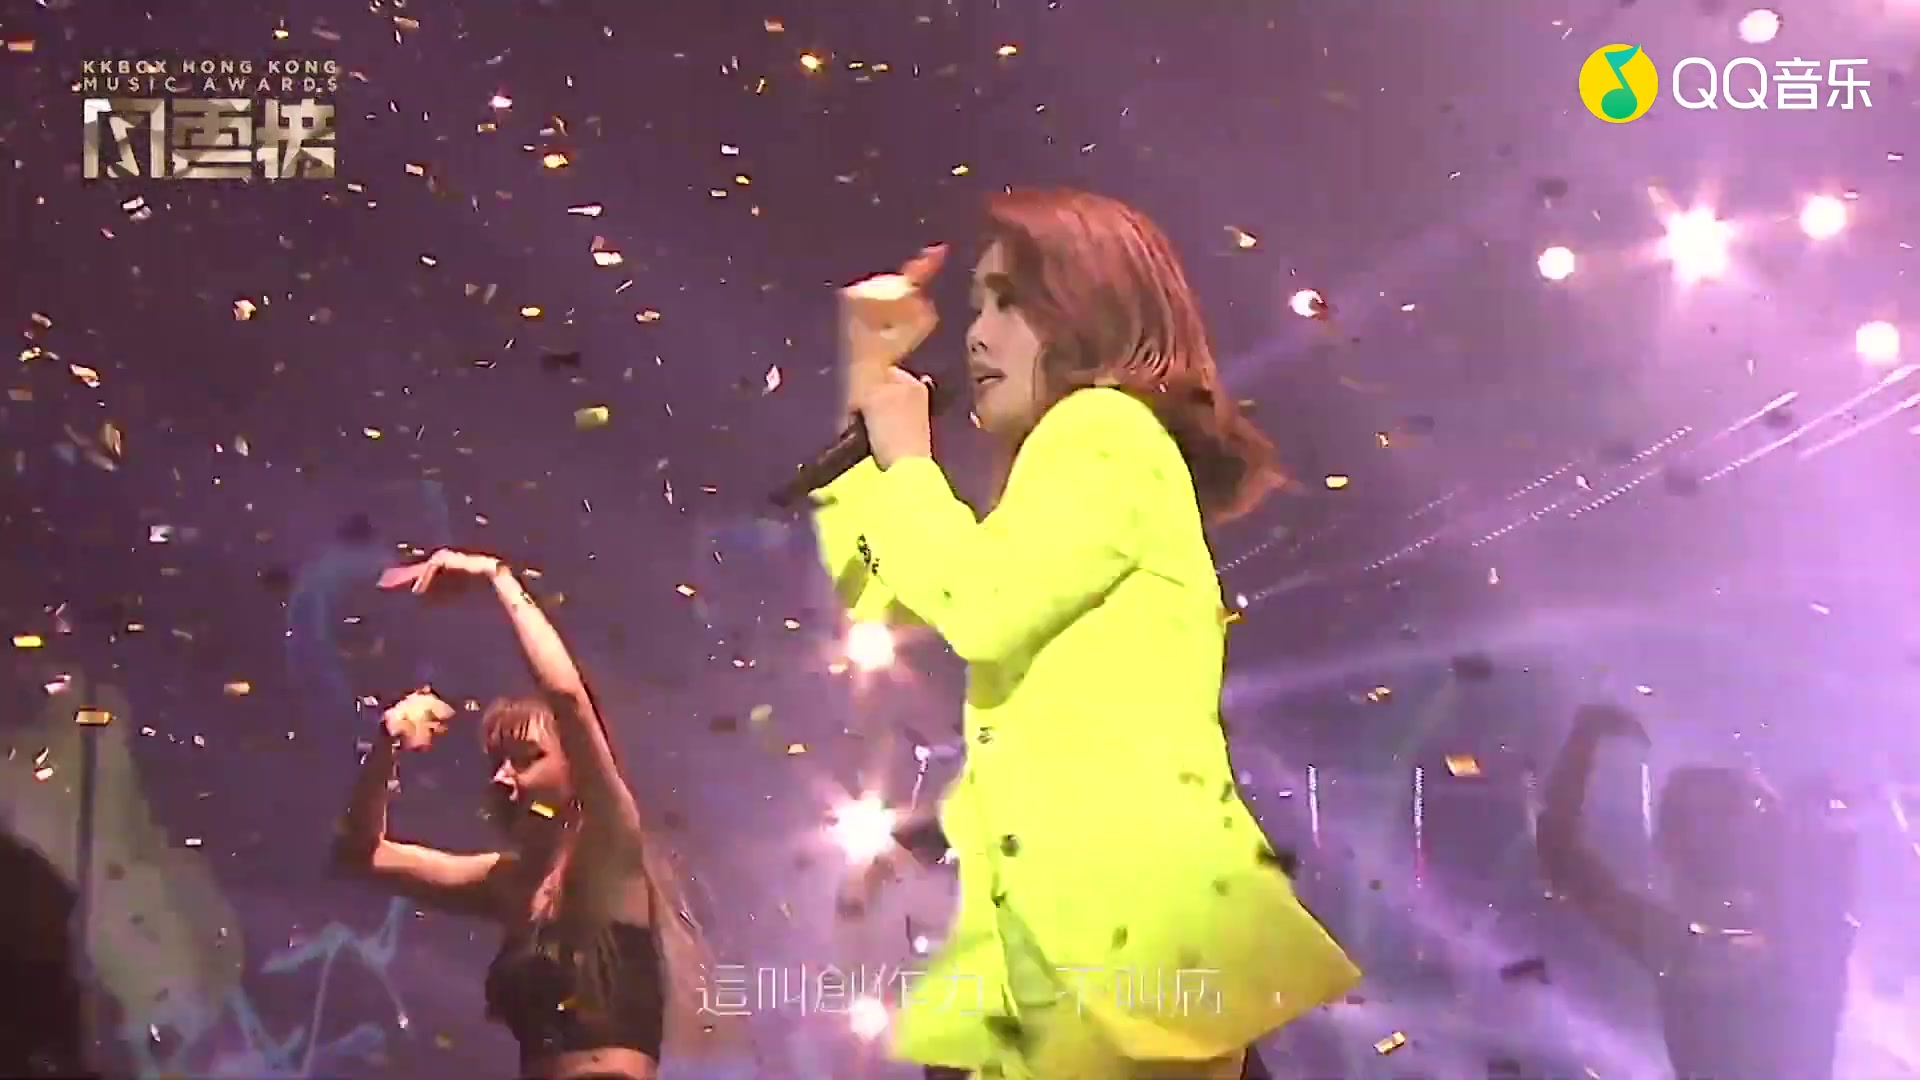 容祖兒-Pretty Crazy (Live)(藍光)_嗶哩嗶哩 (゜-゜)つロ 干杯~-bilibili